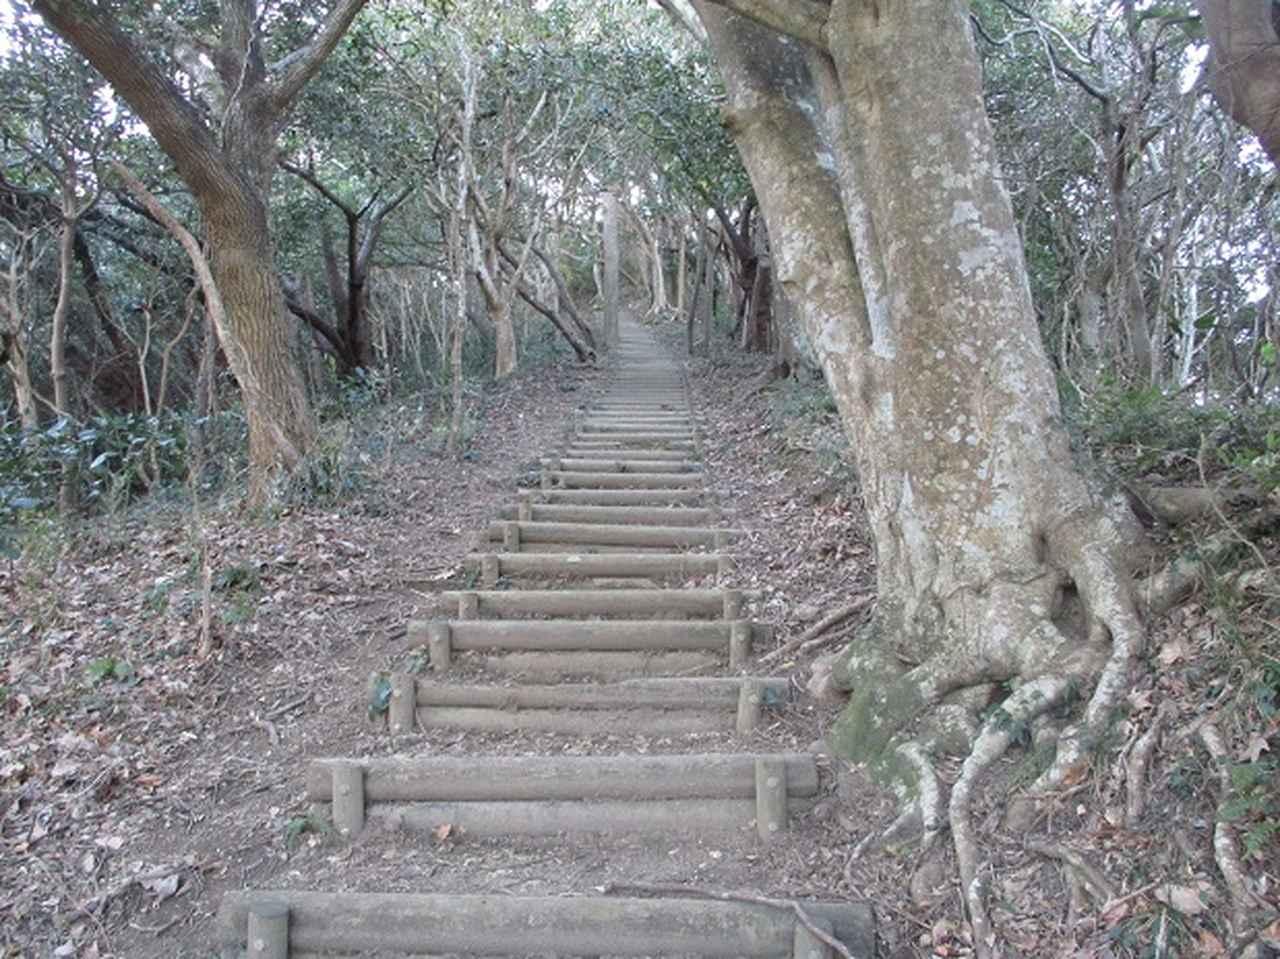 画像4: 1月の山旅会新年企画 「天神山と沖の島」 ツアーの下見にいってまいりました!